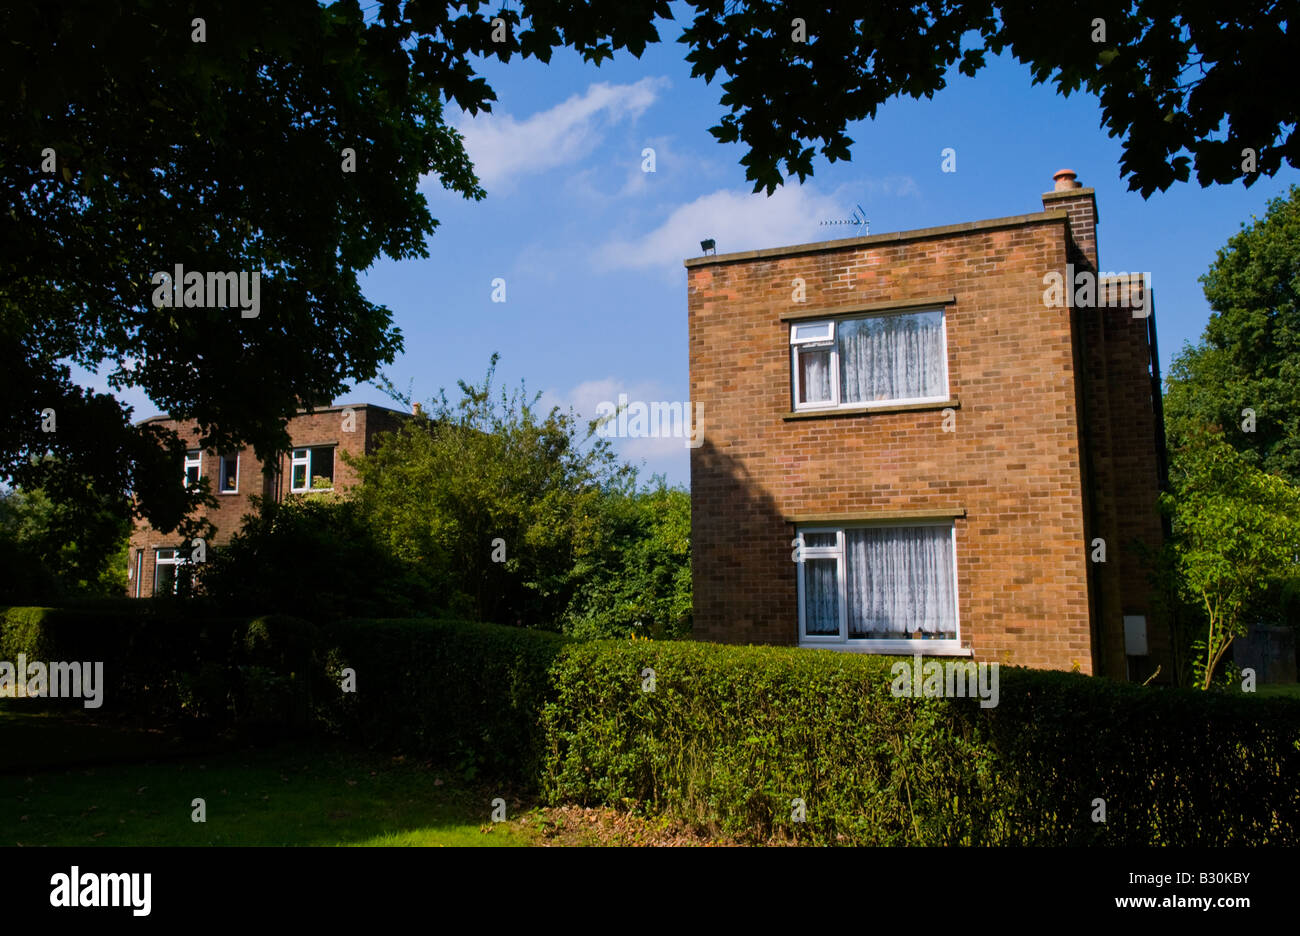 Casa geminada construído em 1940 no meio rural Rufford Nottinghamshire Inglaterra UK EU Imagens de Stock